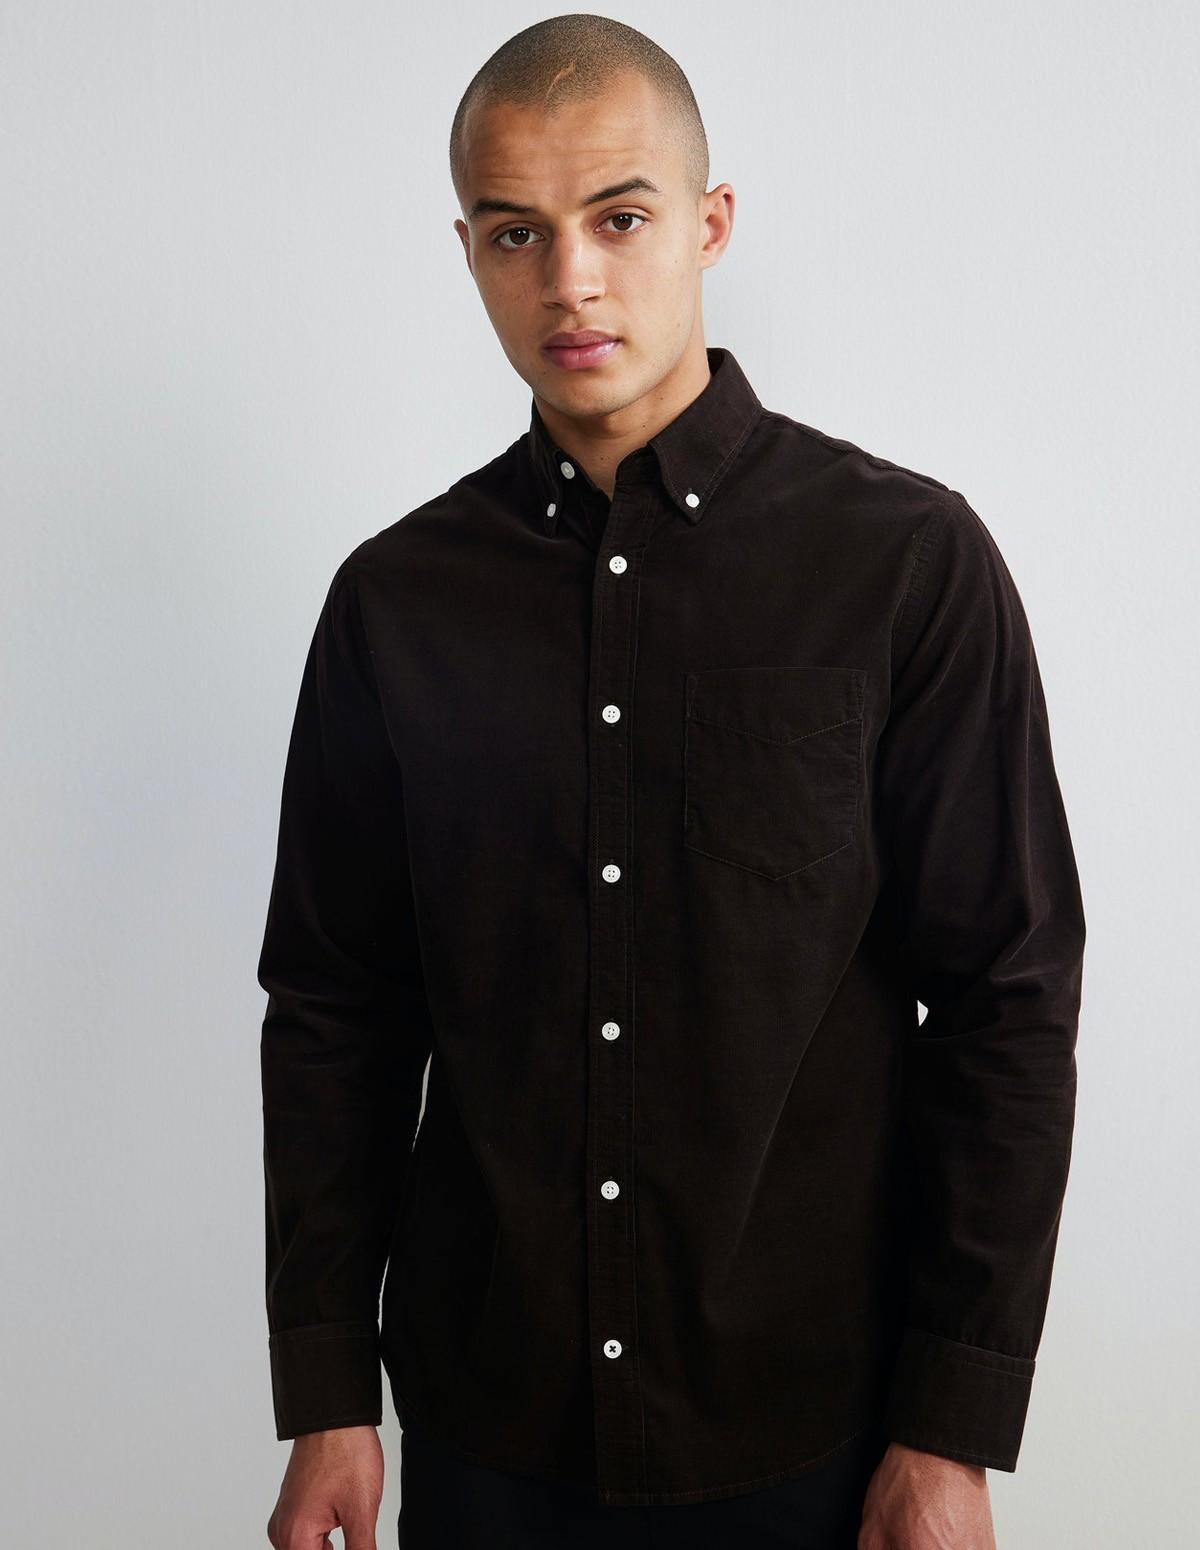 Nn07 Levon Corduroy Shirt - 558 DARK WINE